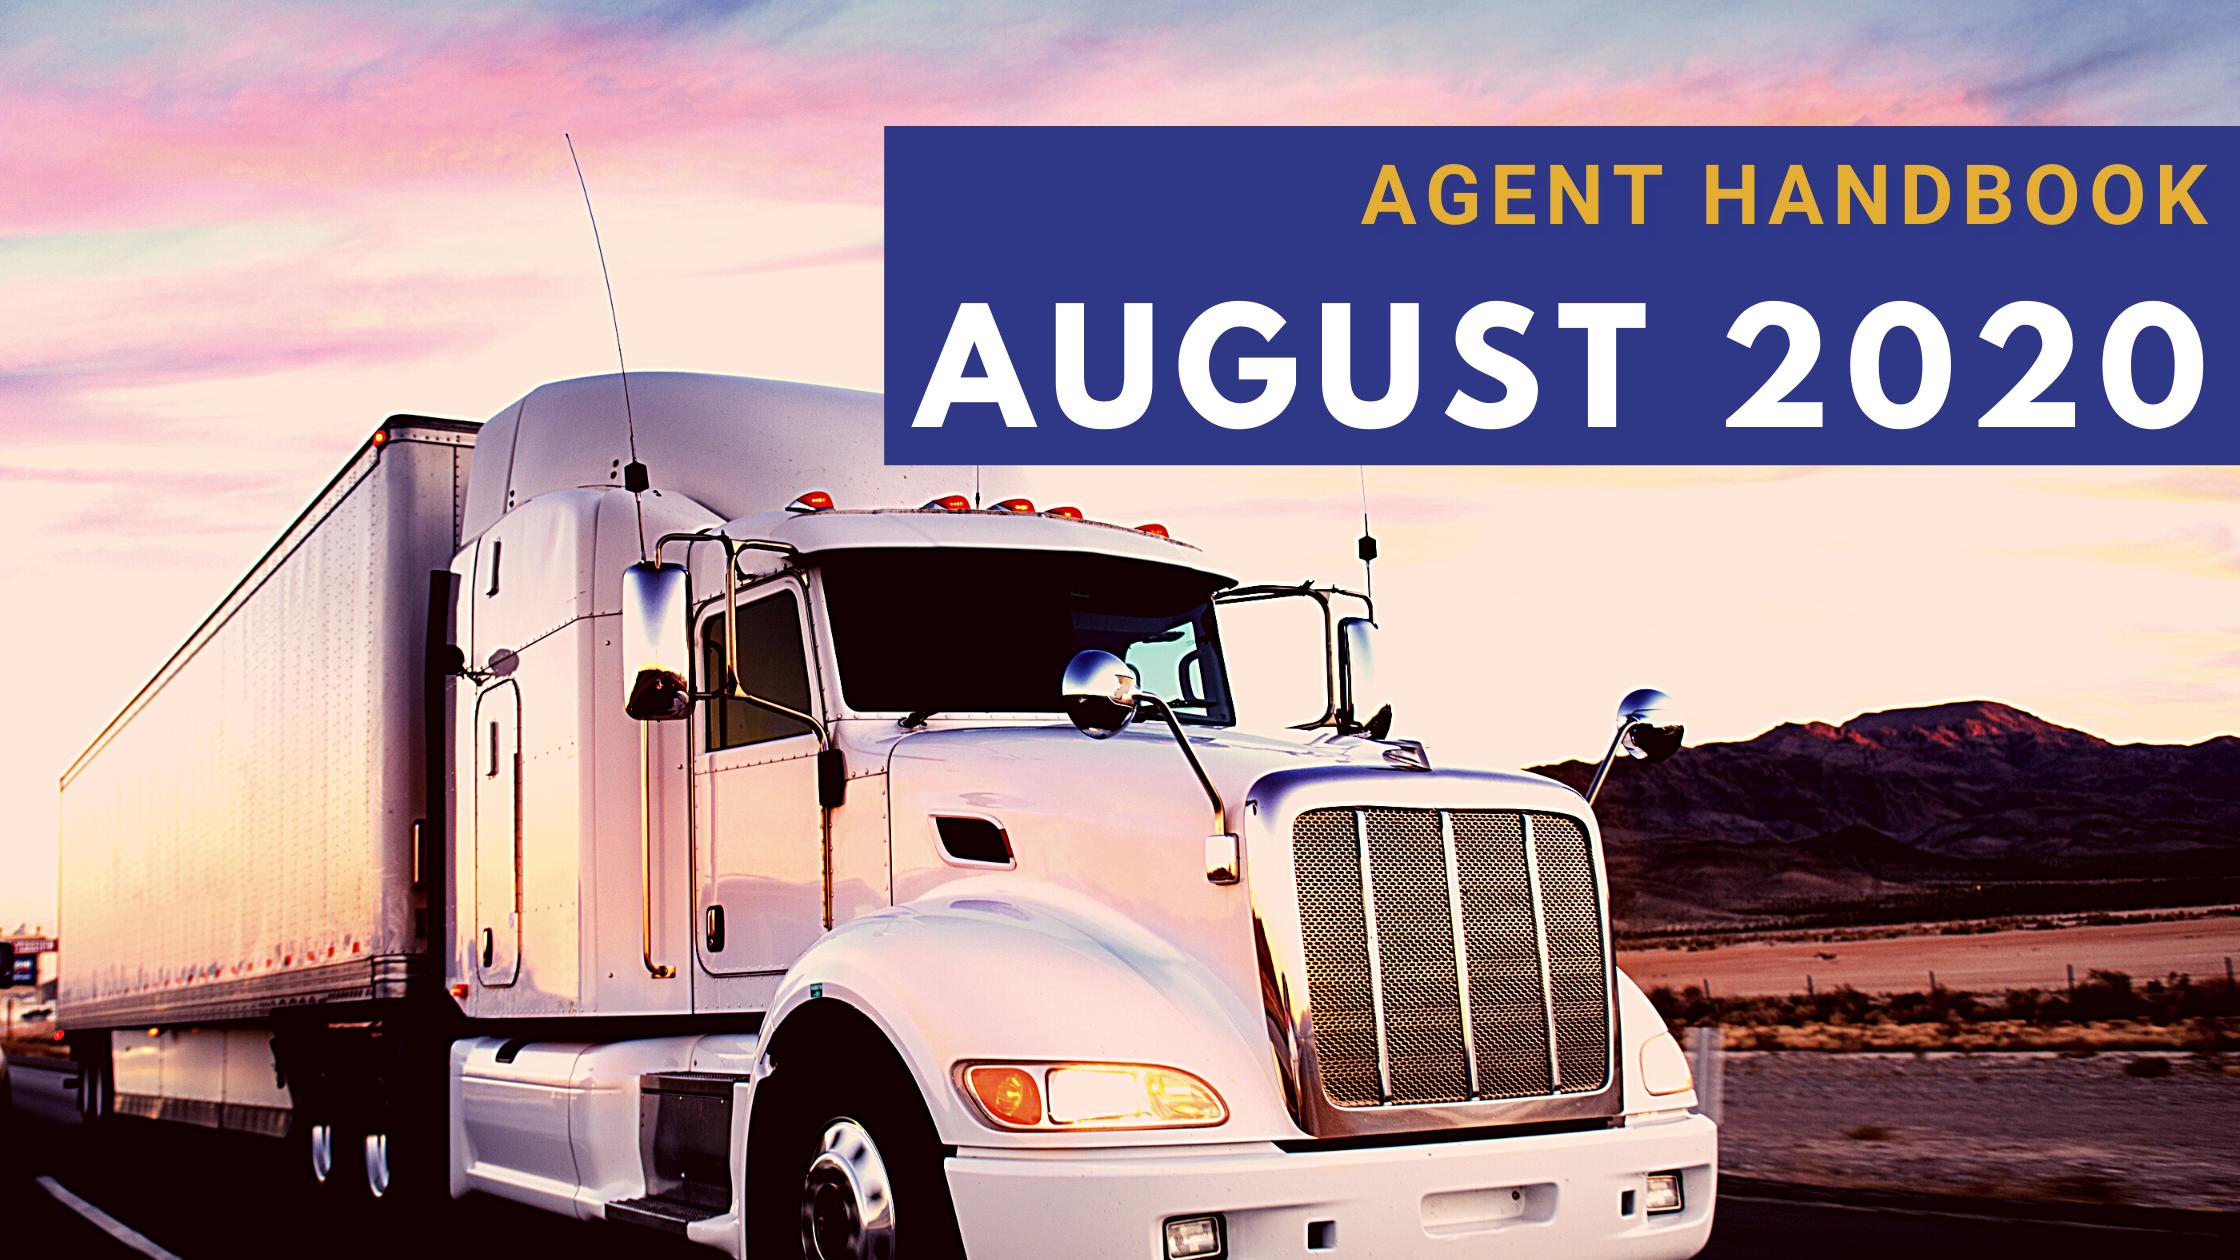 Agent Handbook August 2020